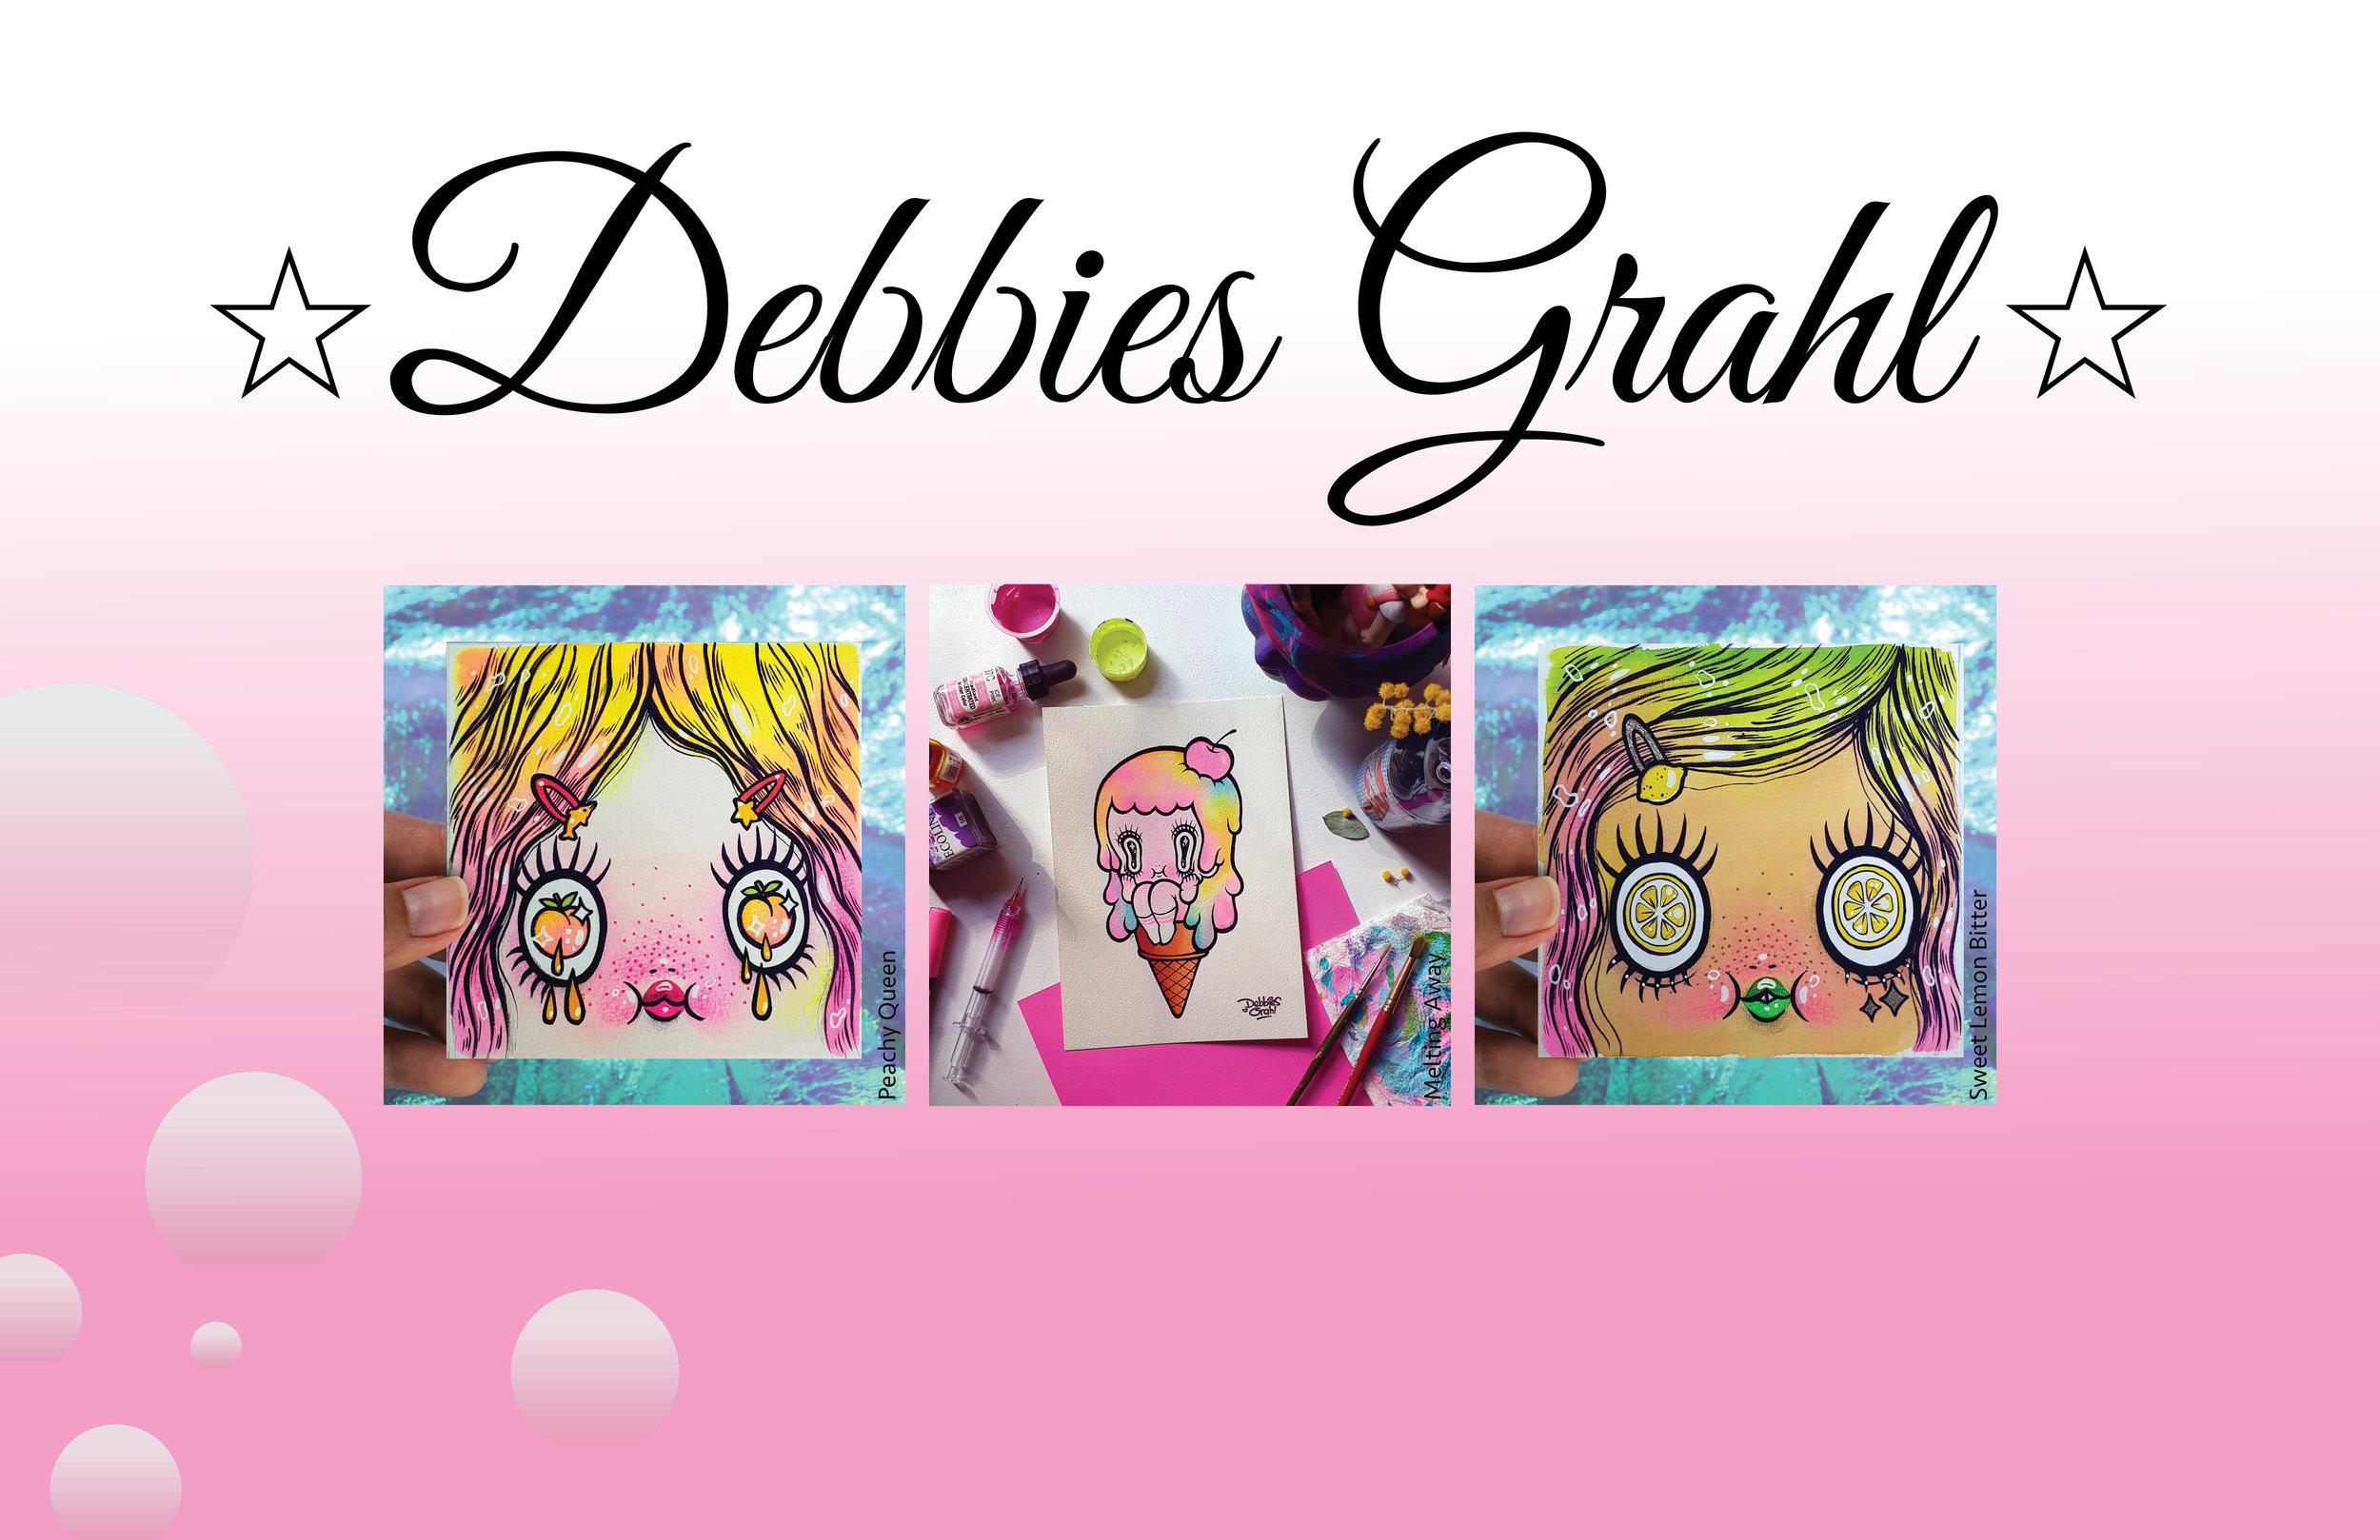 Debbies Grahl_layout.jpg